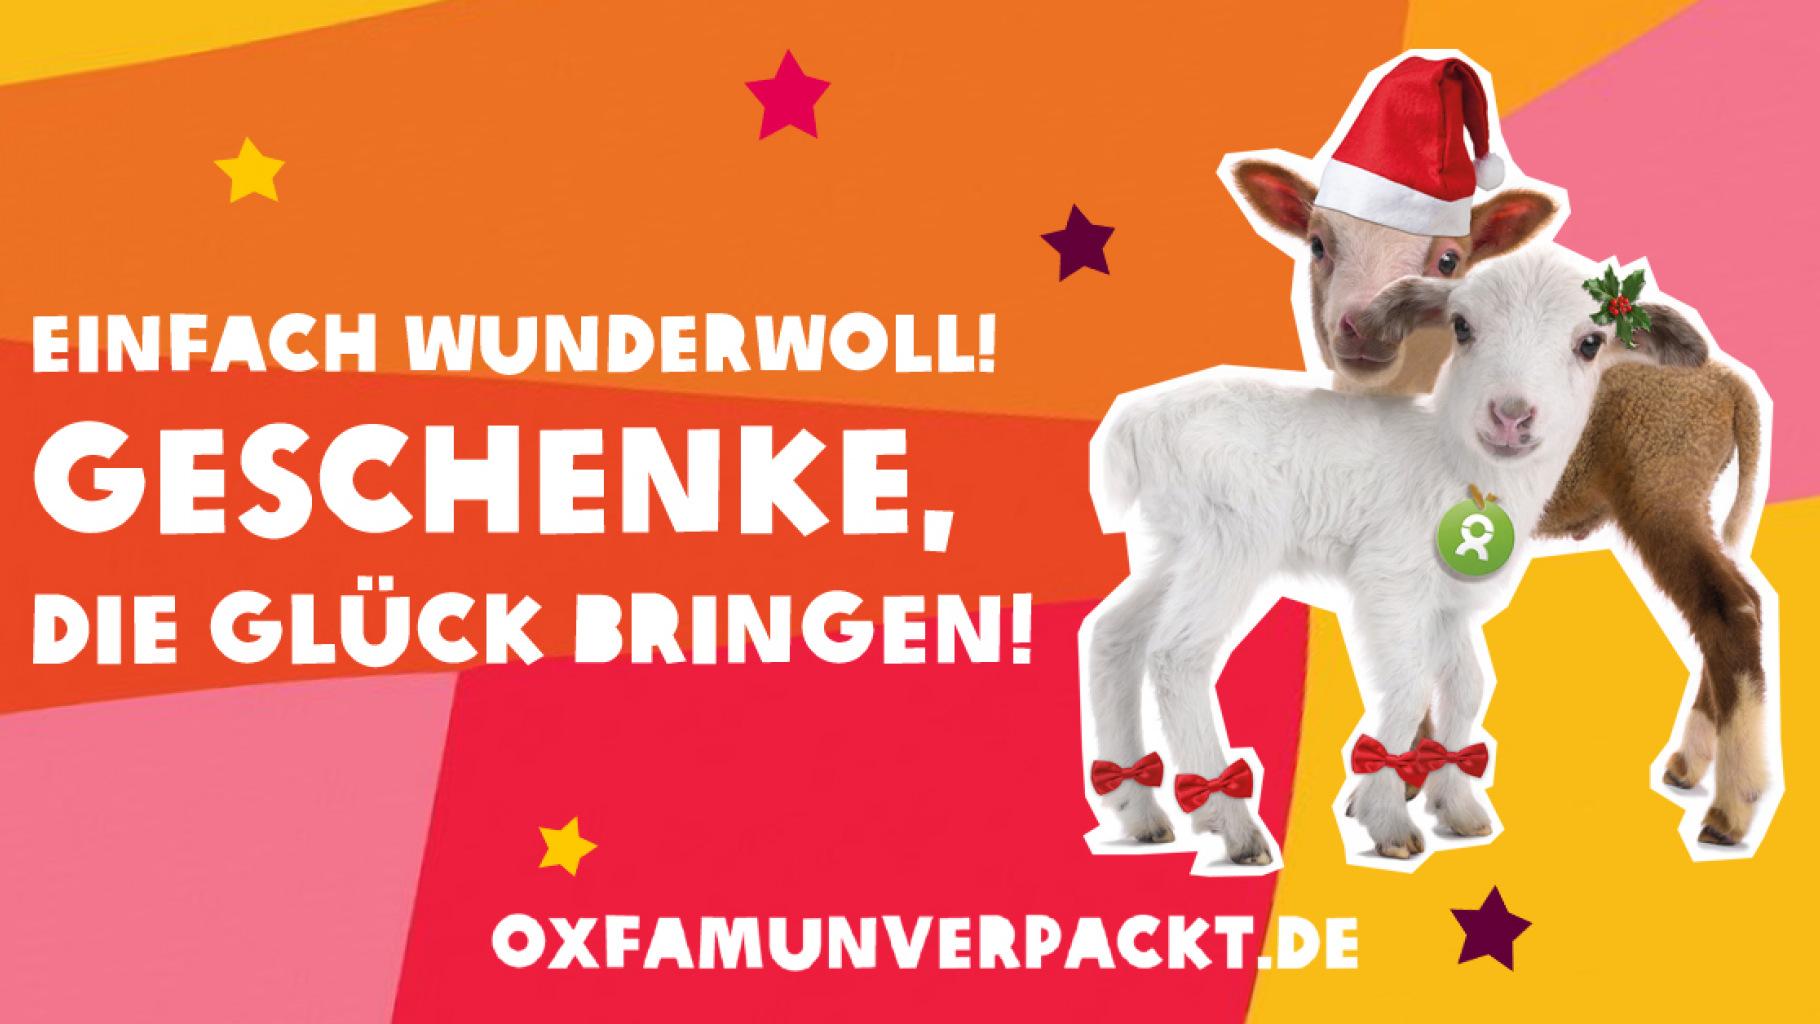 OxfamUnverpackt: Wunderwolle Weihnachten